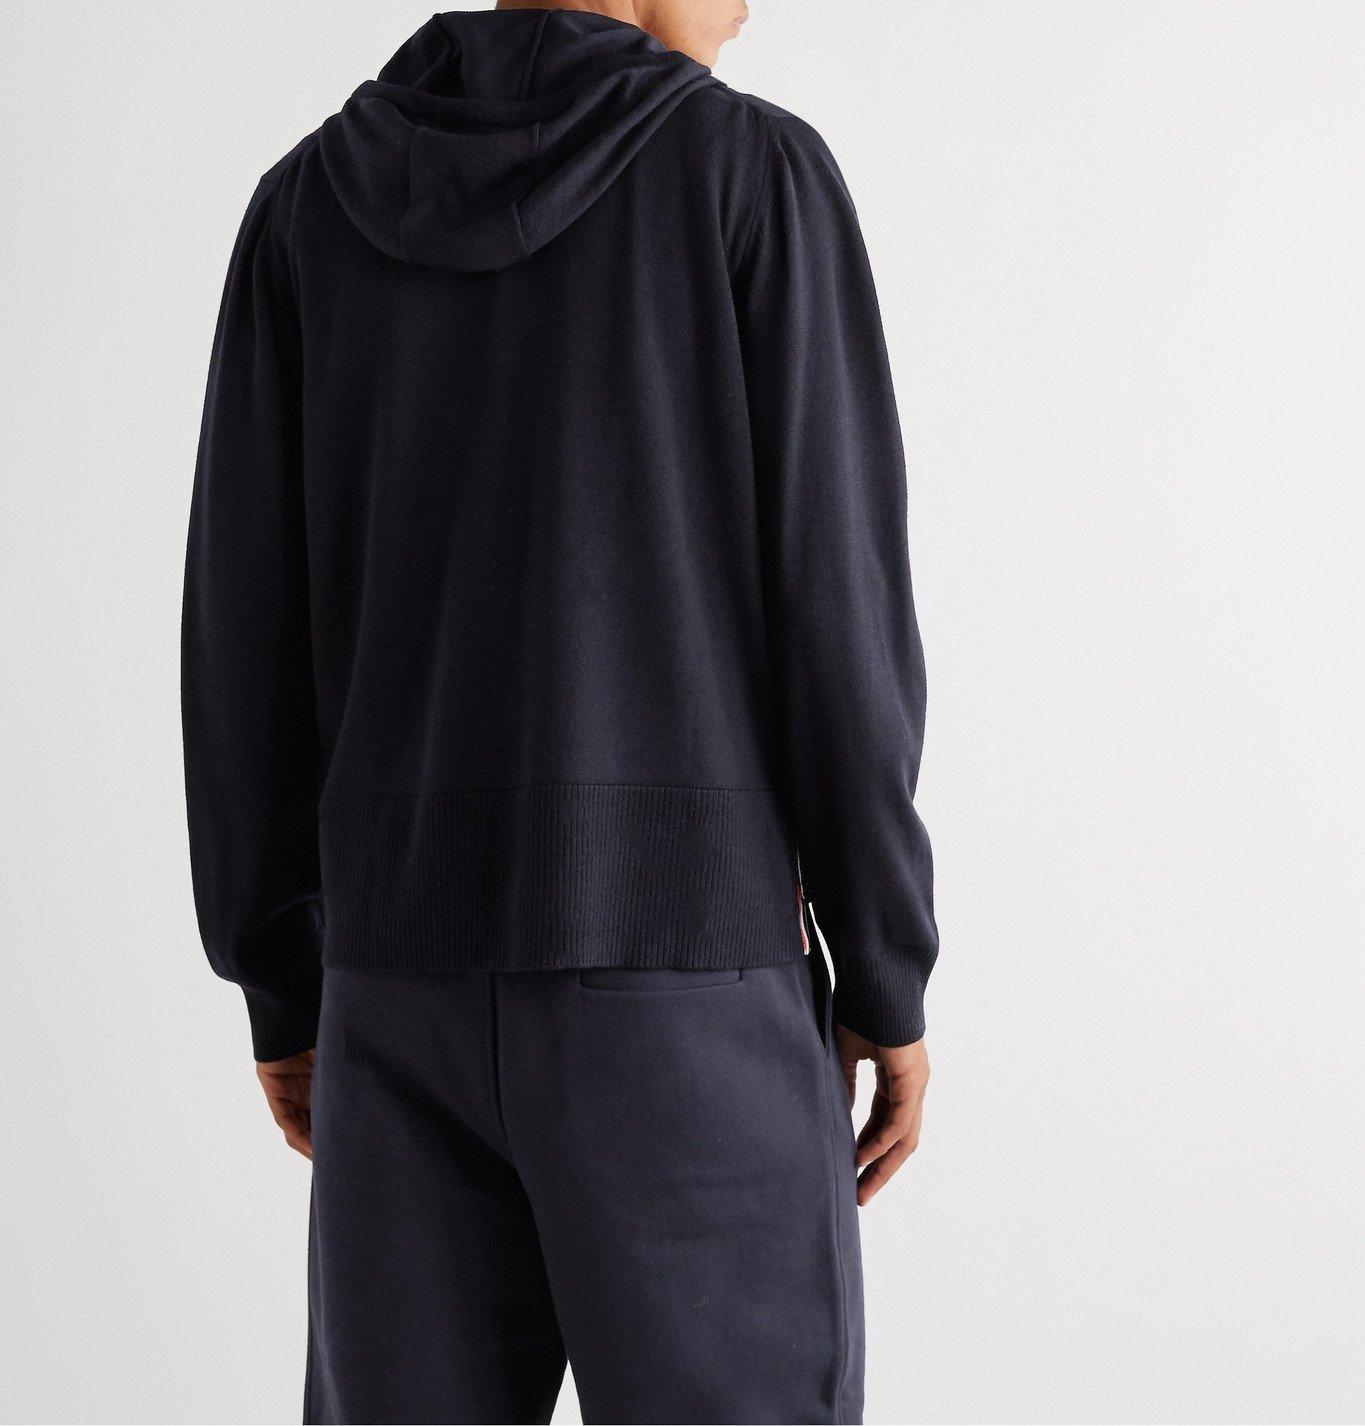 Thom Browne - Striped Grosgrain-Trimmed Merino Wool Zip-Up Hoodie - Blue